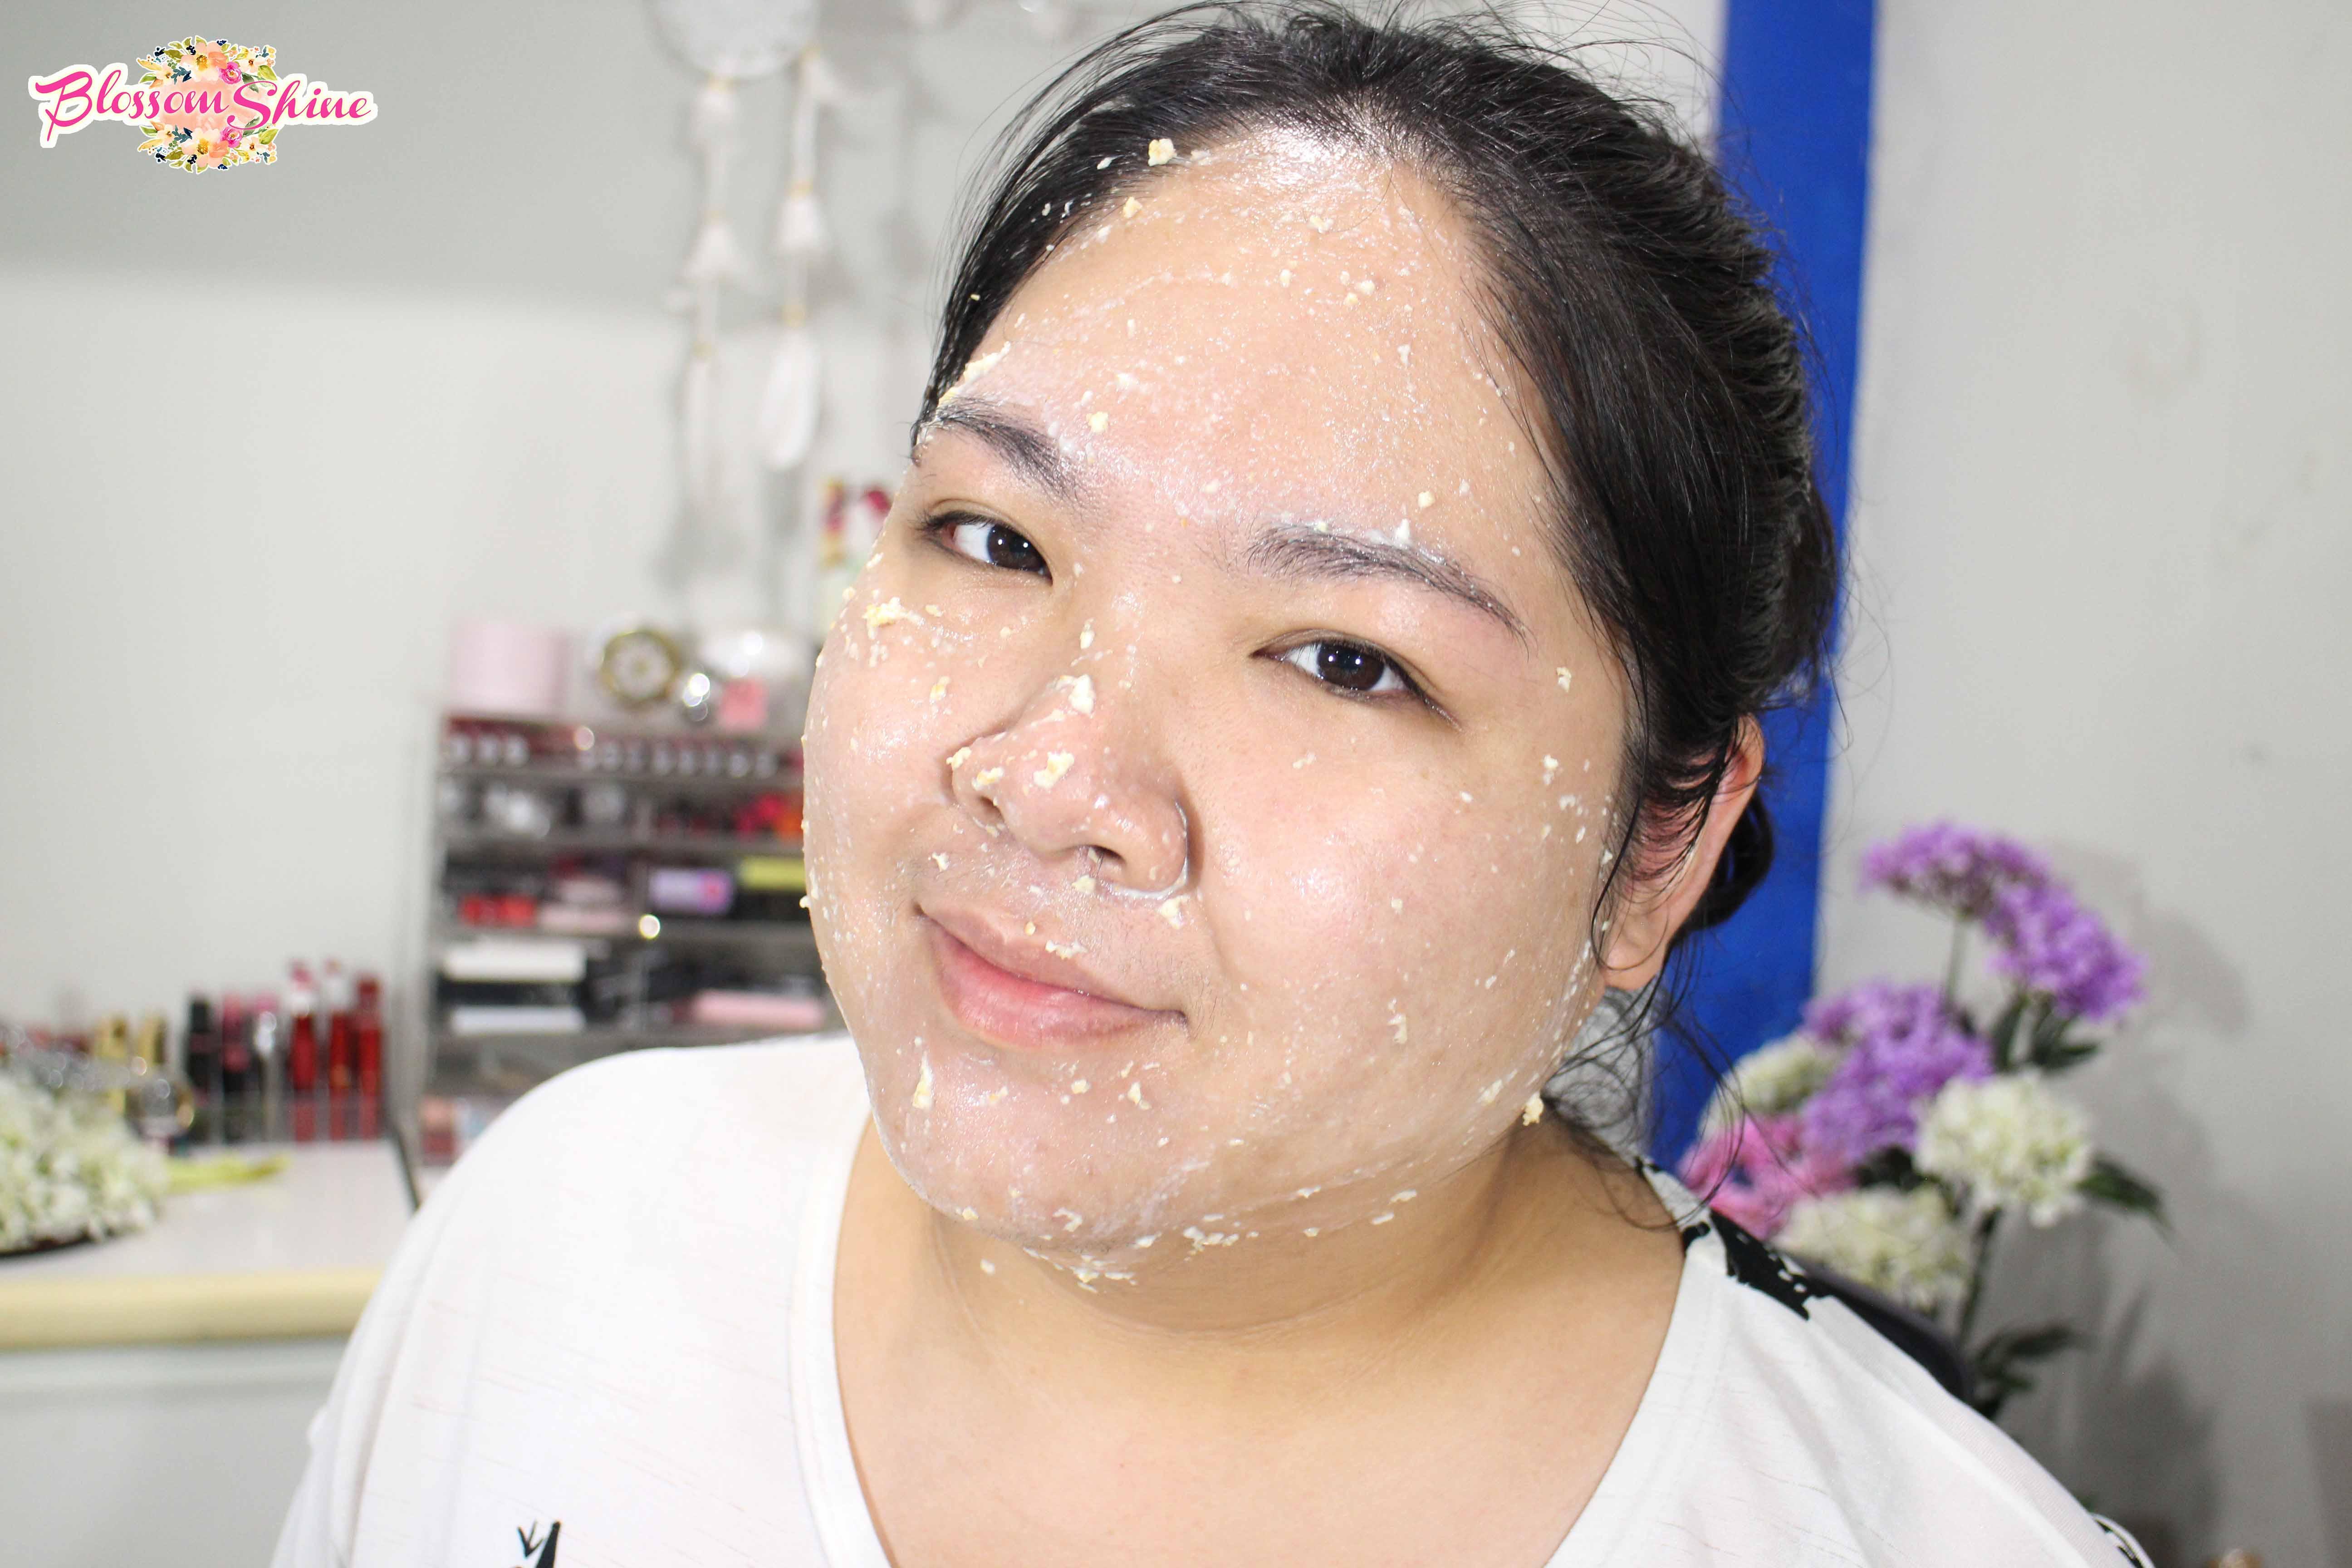 Manfaat Susu Untuk Kecantikan – DIY Face mask